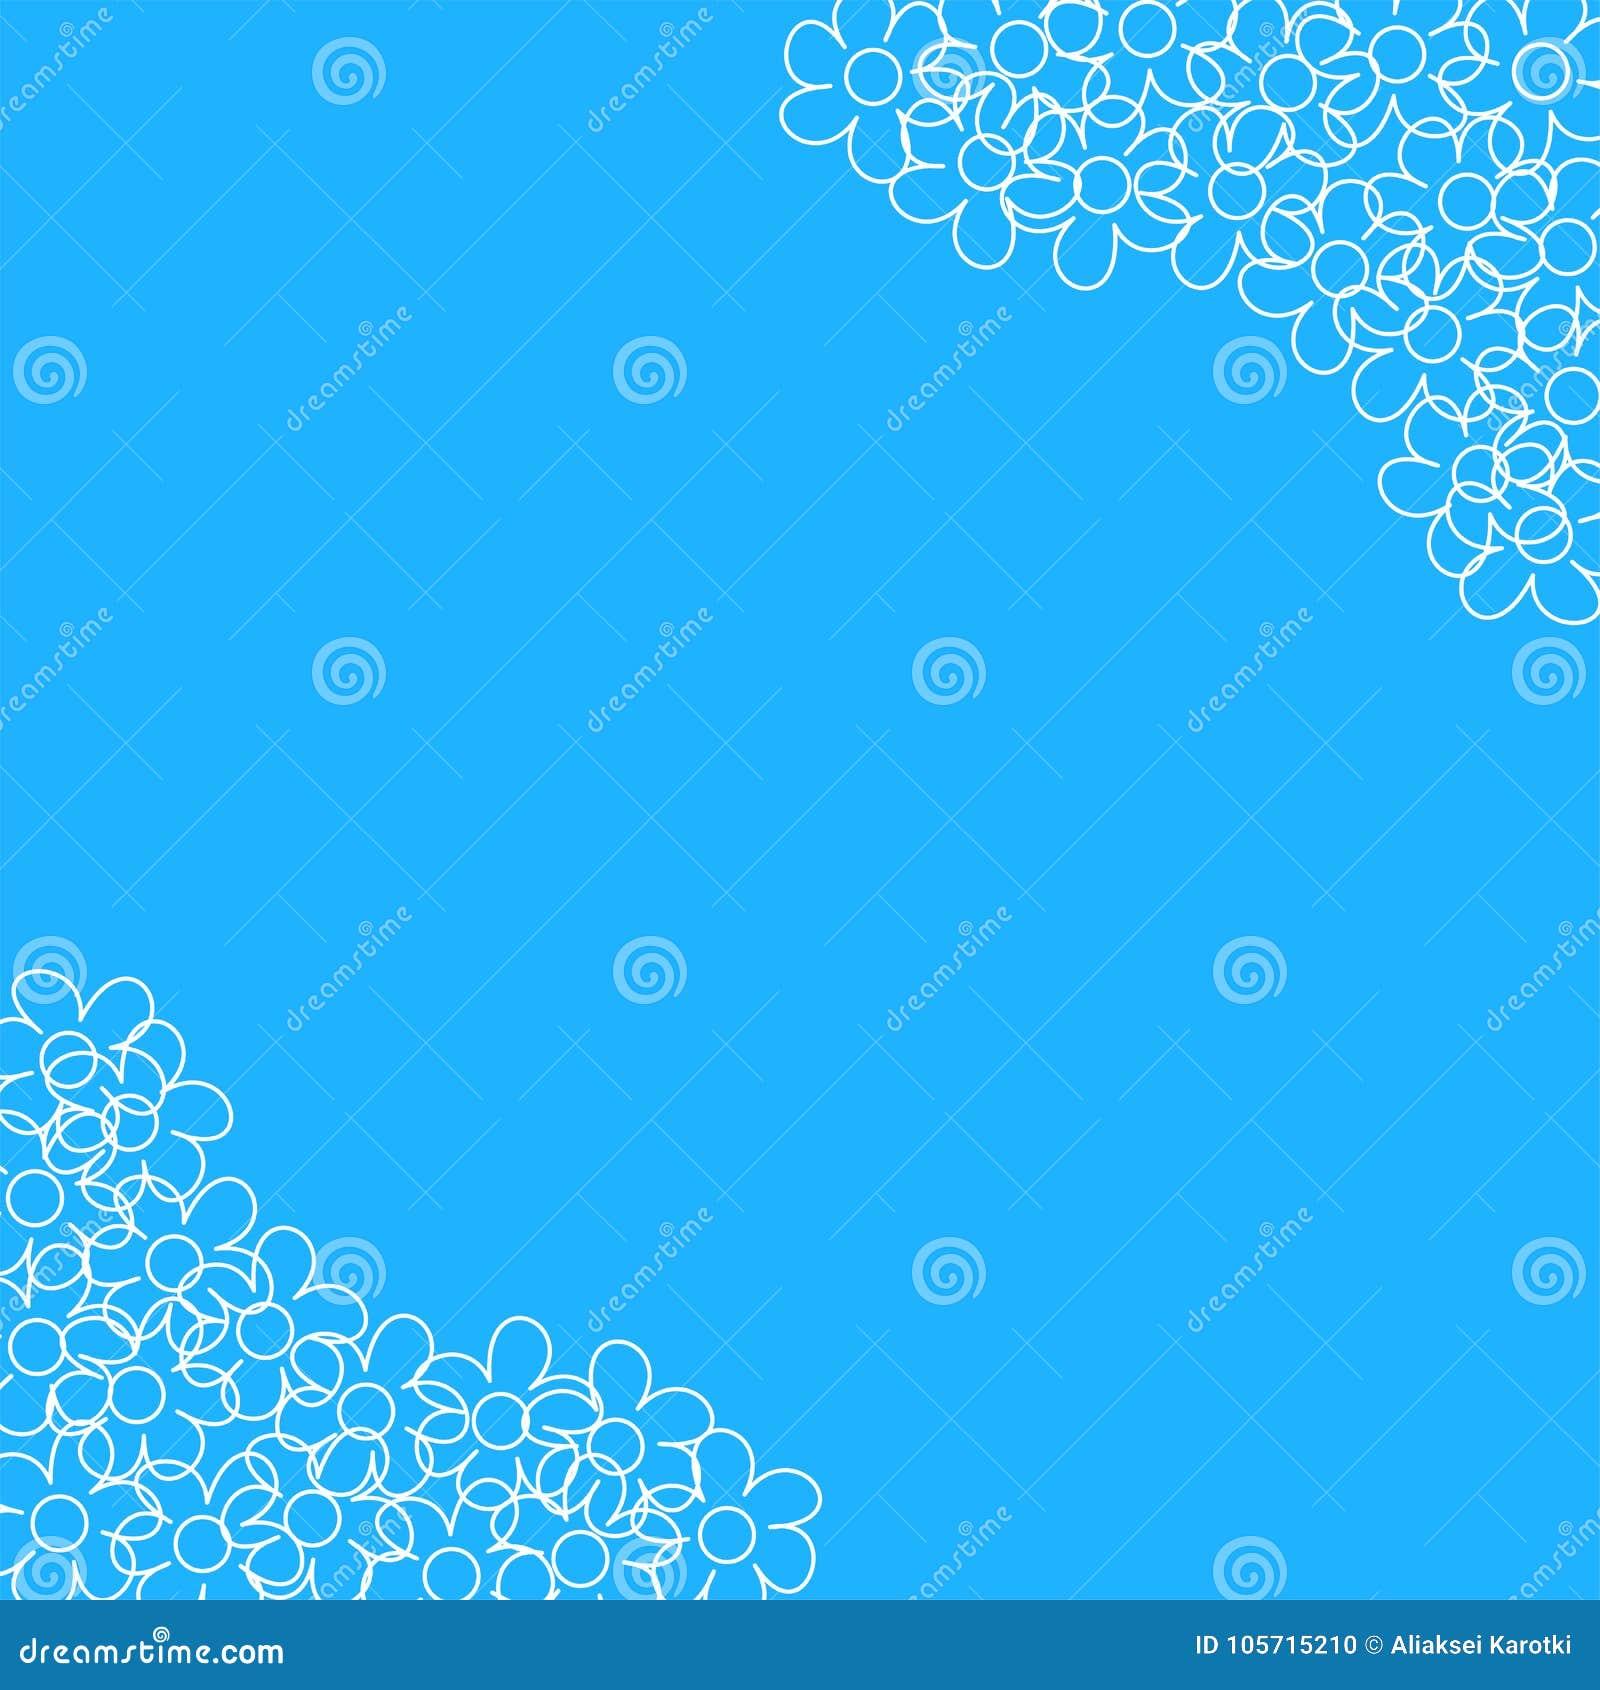 Abstract Bloemenkader Op Een Blauwe Achtergrond Voor Drukken